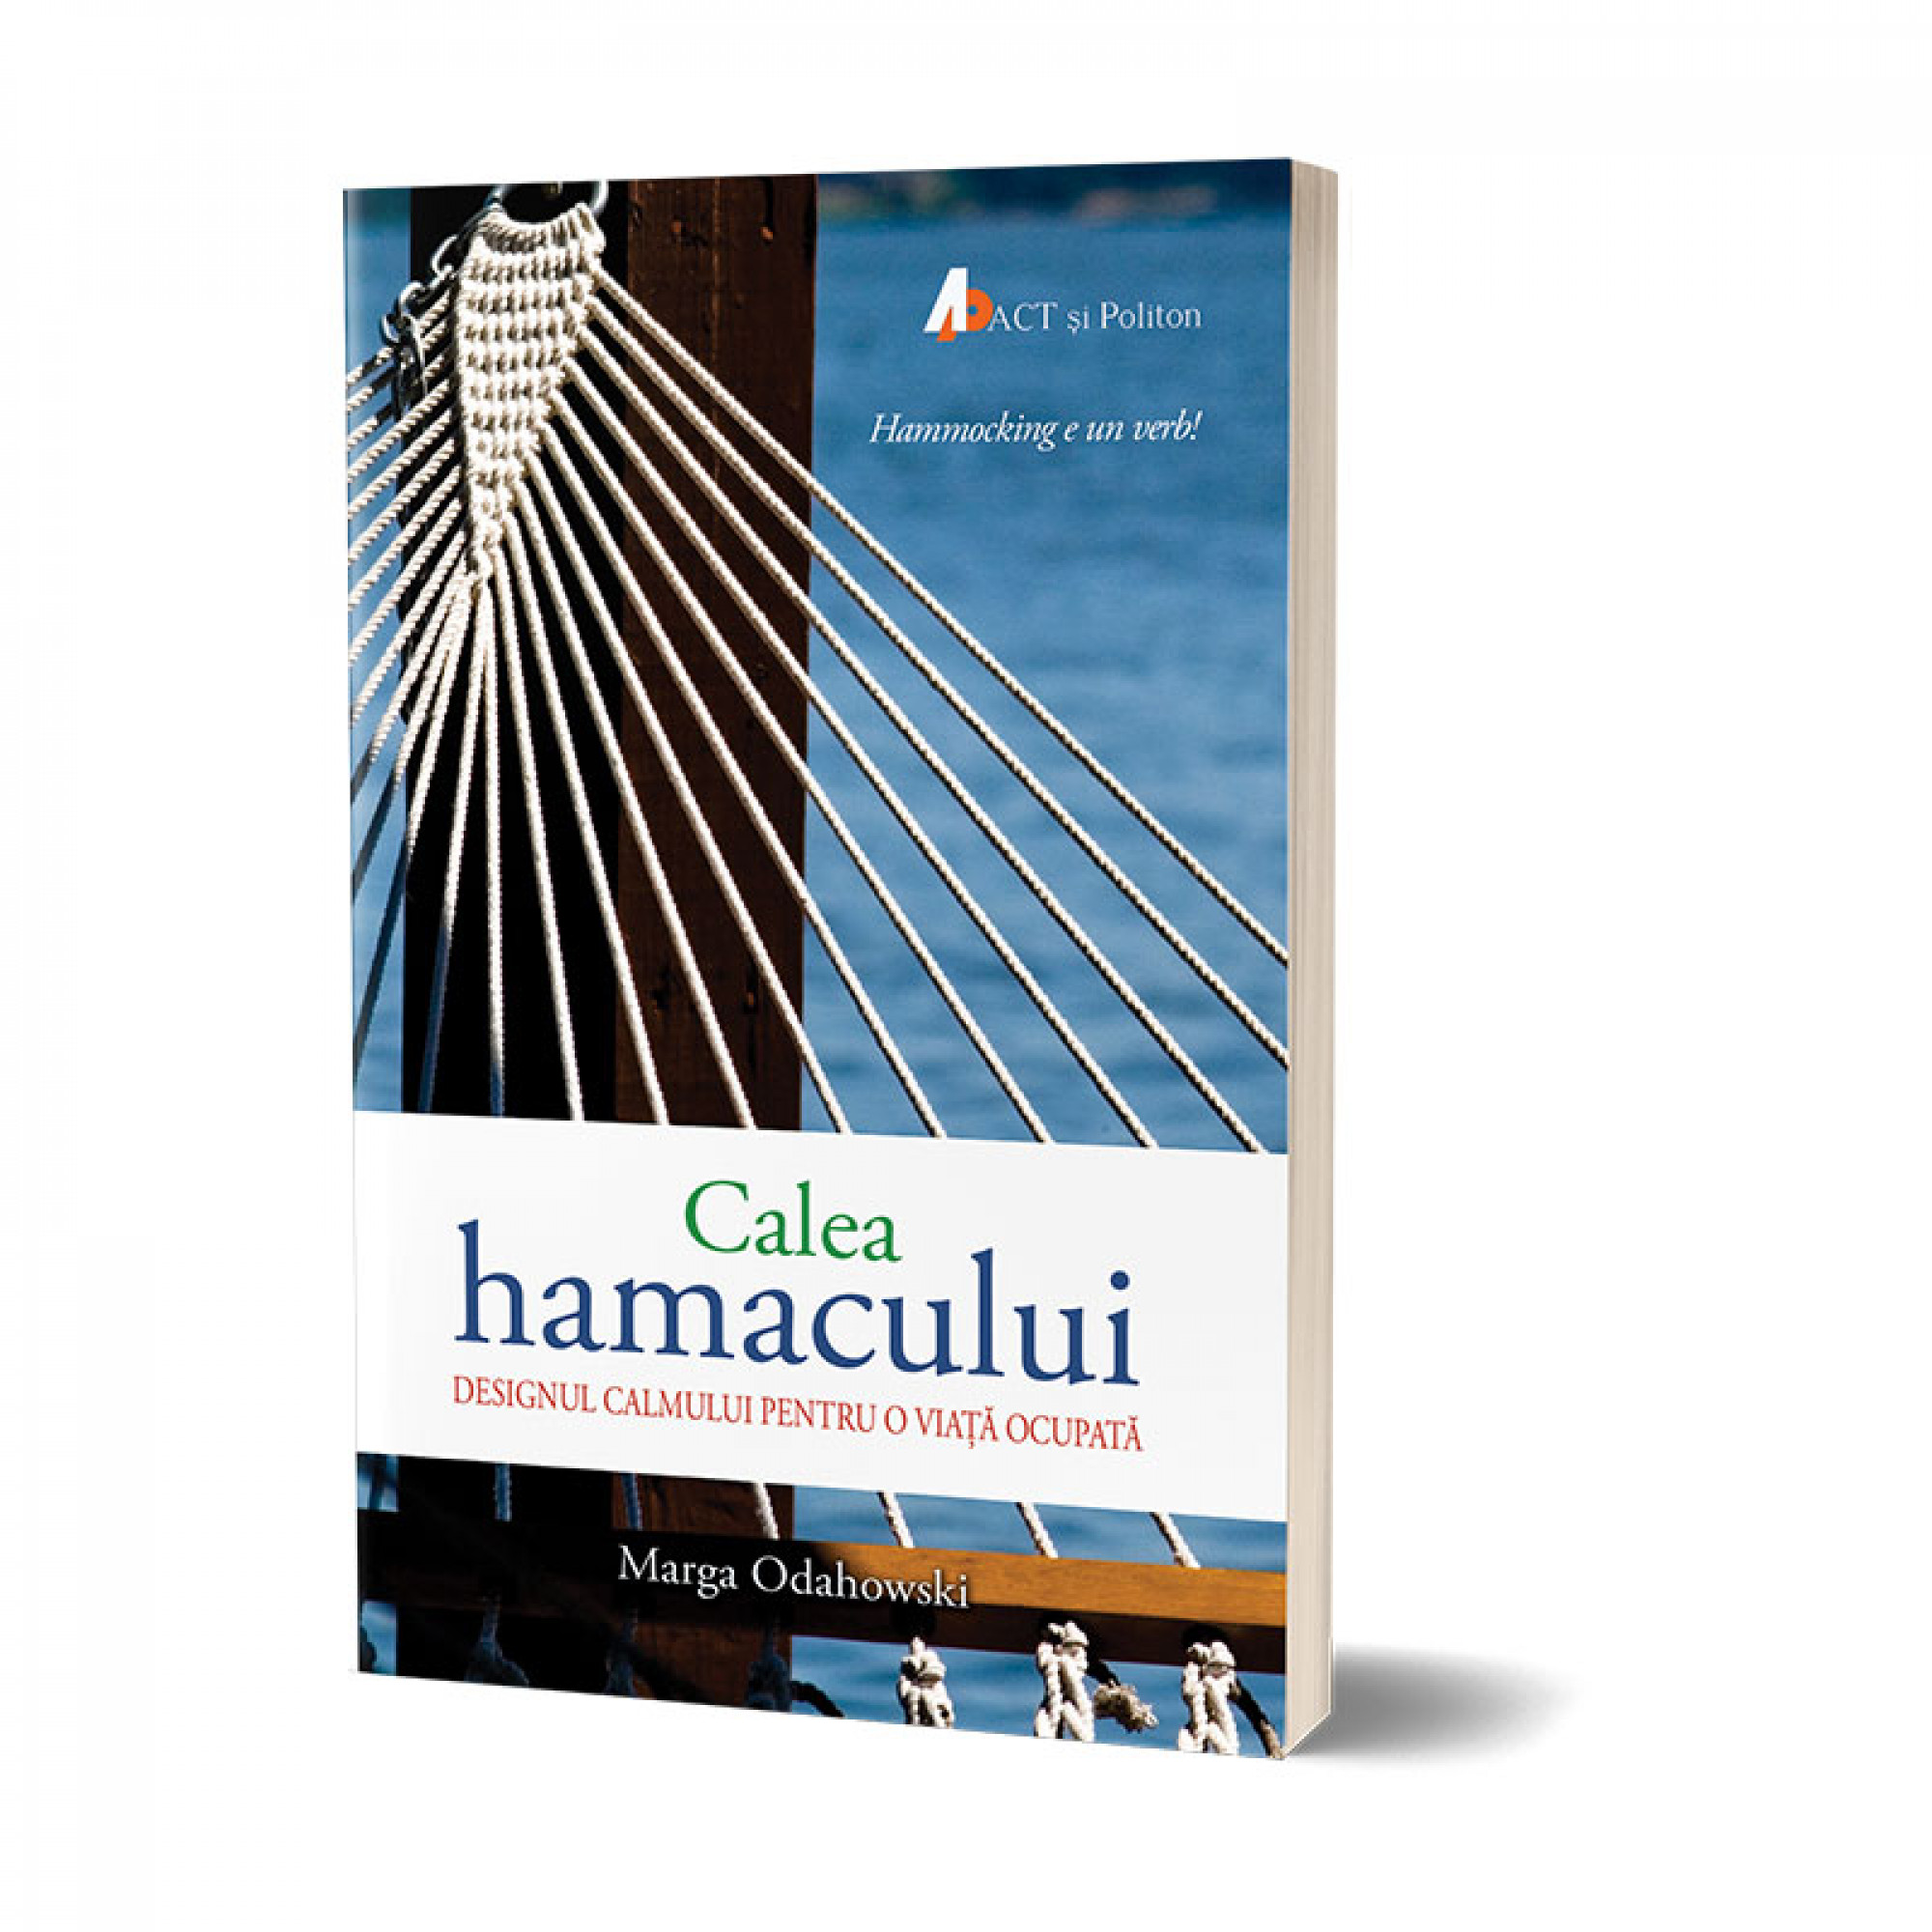 Calea hamacului. Designul calmului pentru o viață ocupată